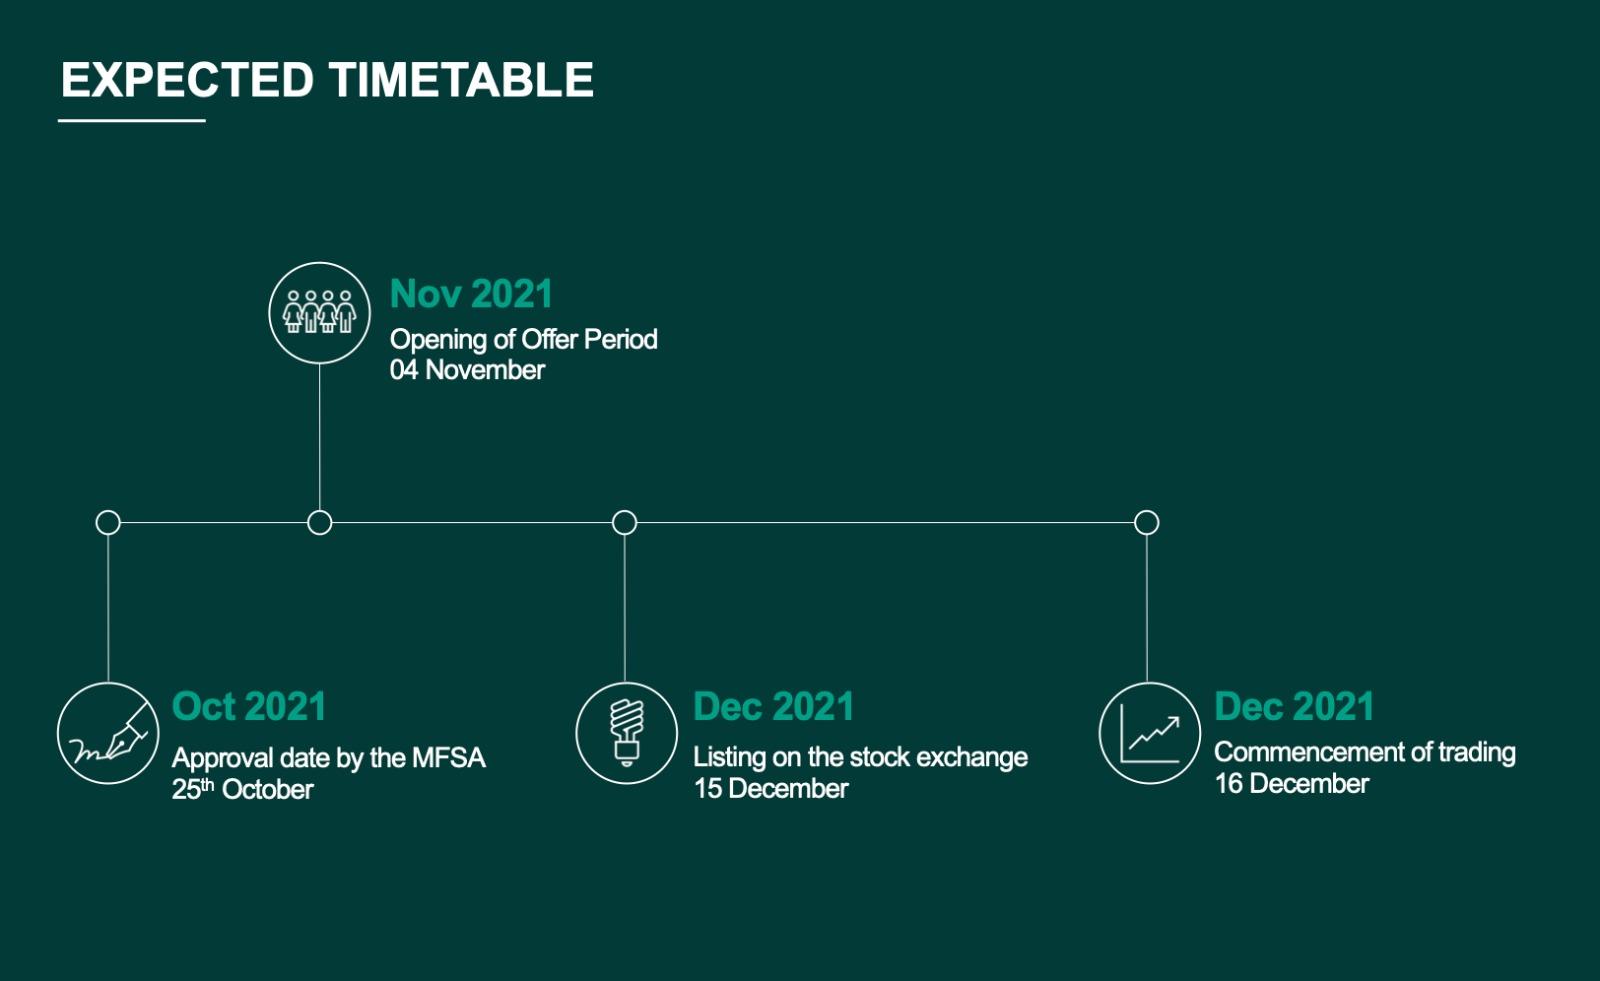 Hili Timetable